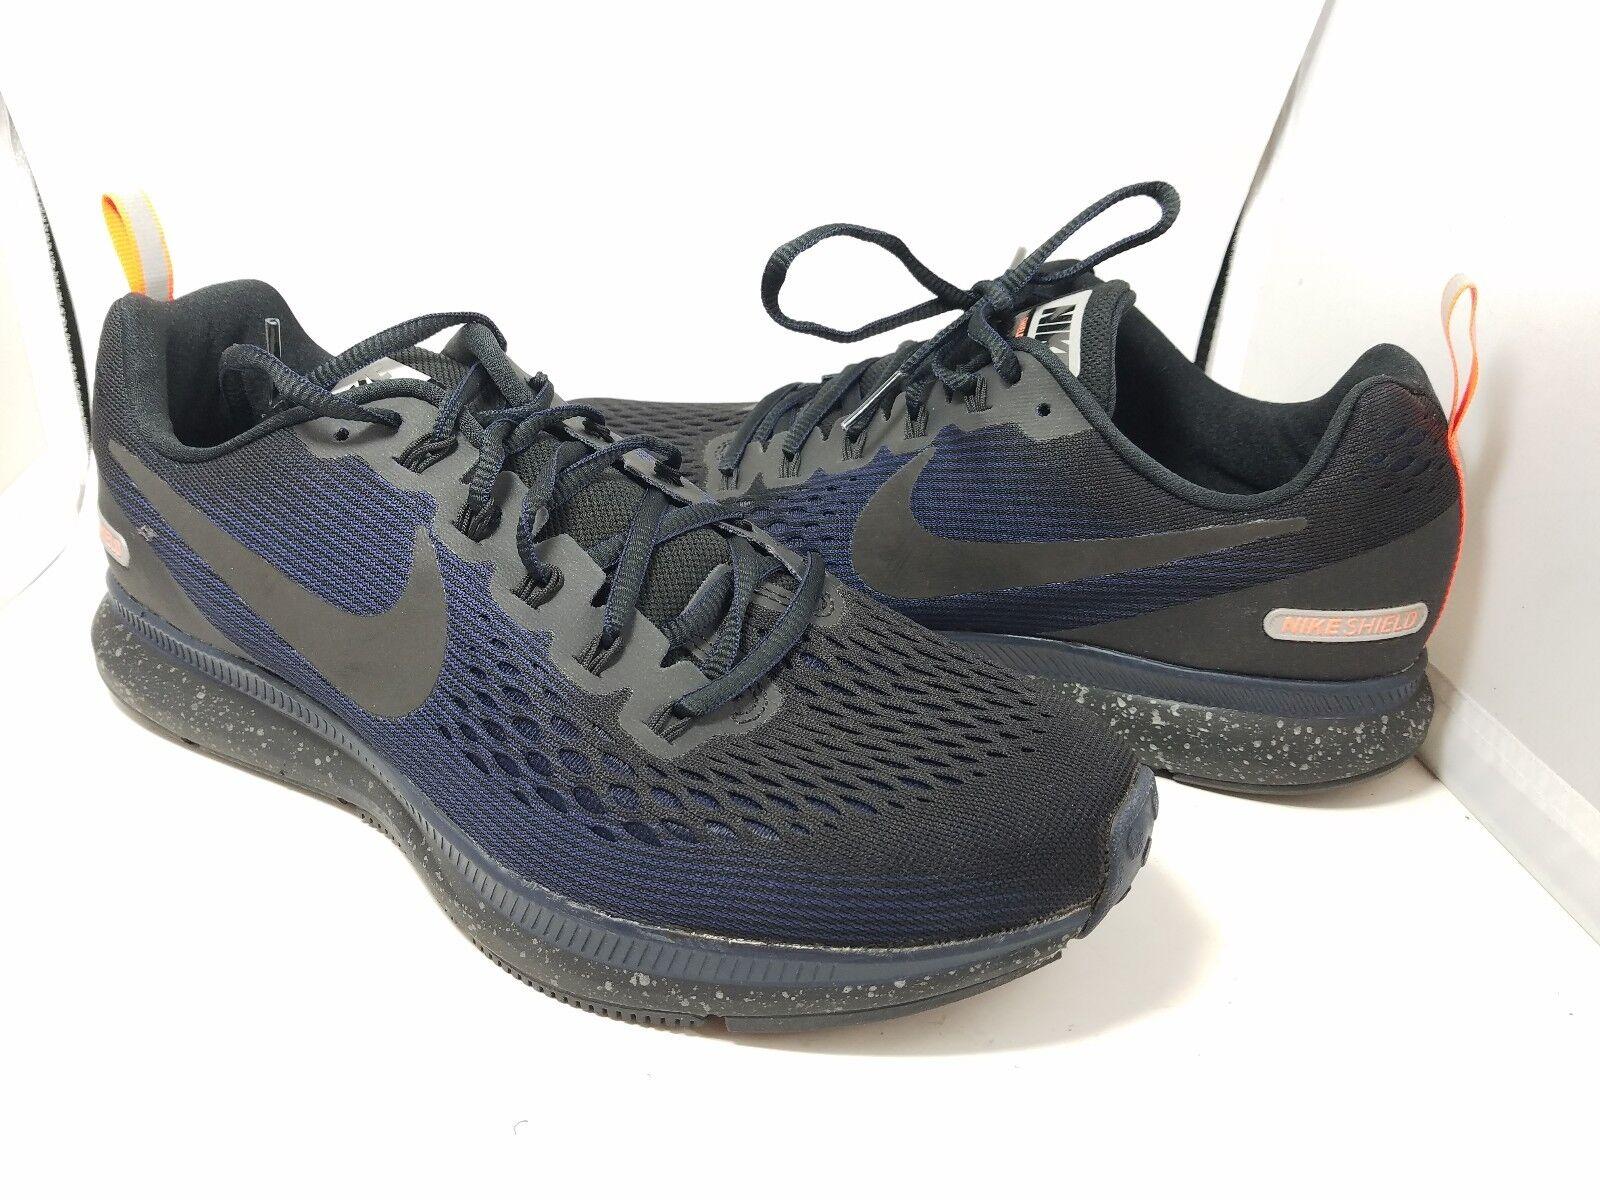 b02507f274e9 ... sz 8.5 Nike Air Zoom Pegasus 34 Black Obsidian Shield Running Shoes  Black Obsidian 34 f99982 ...